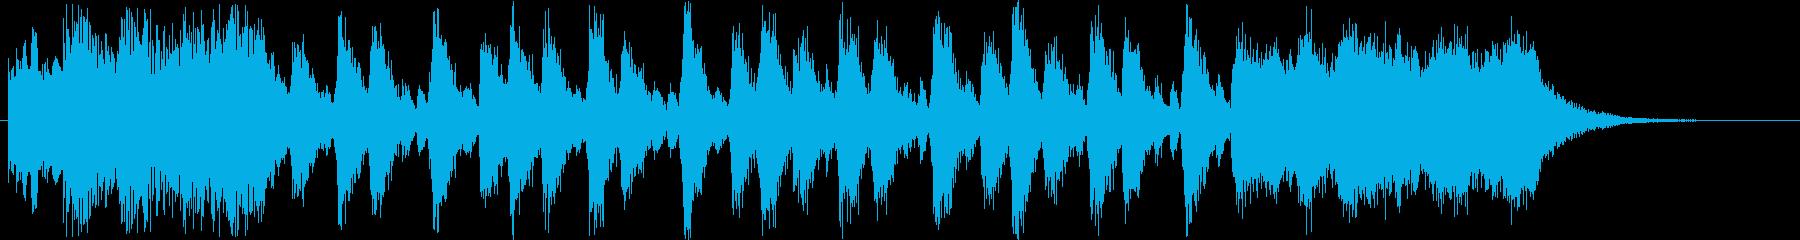 ドキドキ感のあるシンセ・打楽器など短めの再生済みの波形